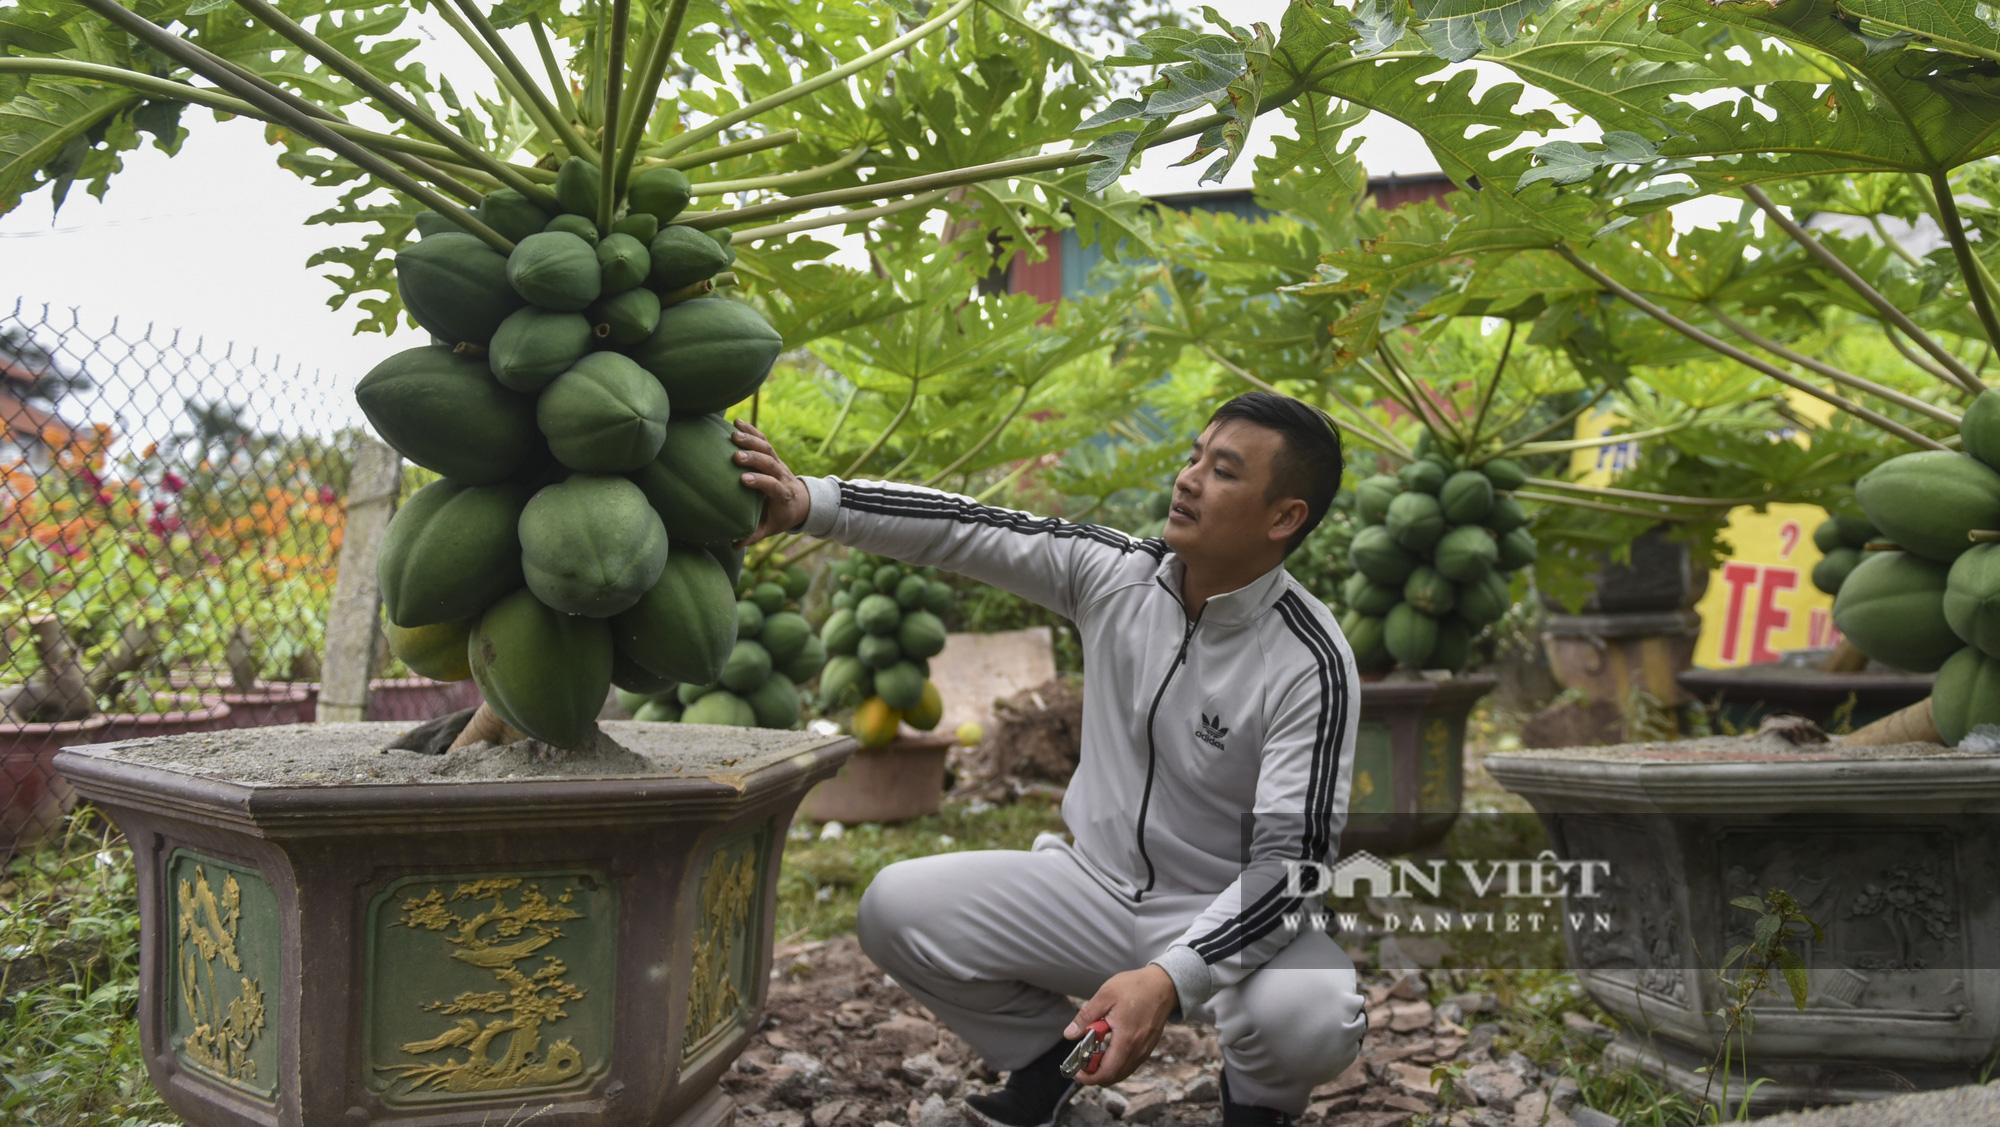 Độc đáo vườn đu đủ bonsai trĩu quả chơi Tết, mỗi cây giá bạc triệu hút khách mua chơi Tết - Ảnh 9.